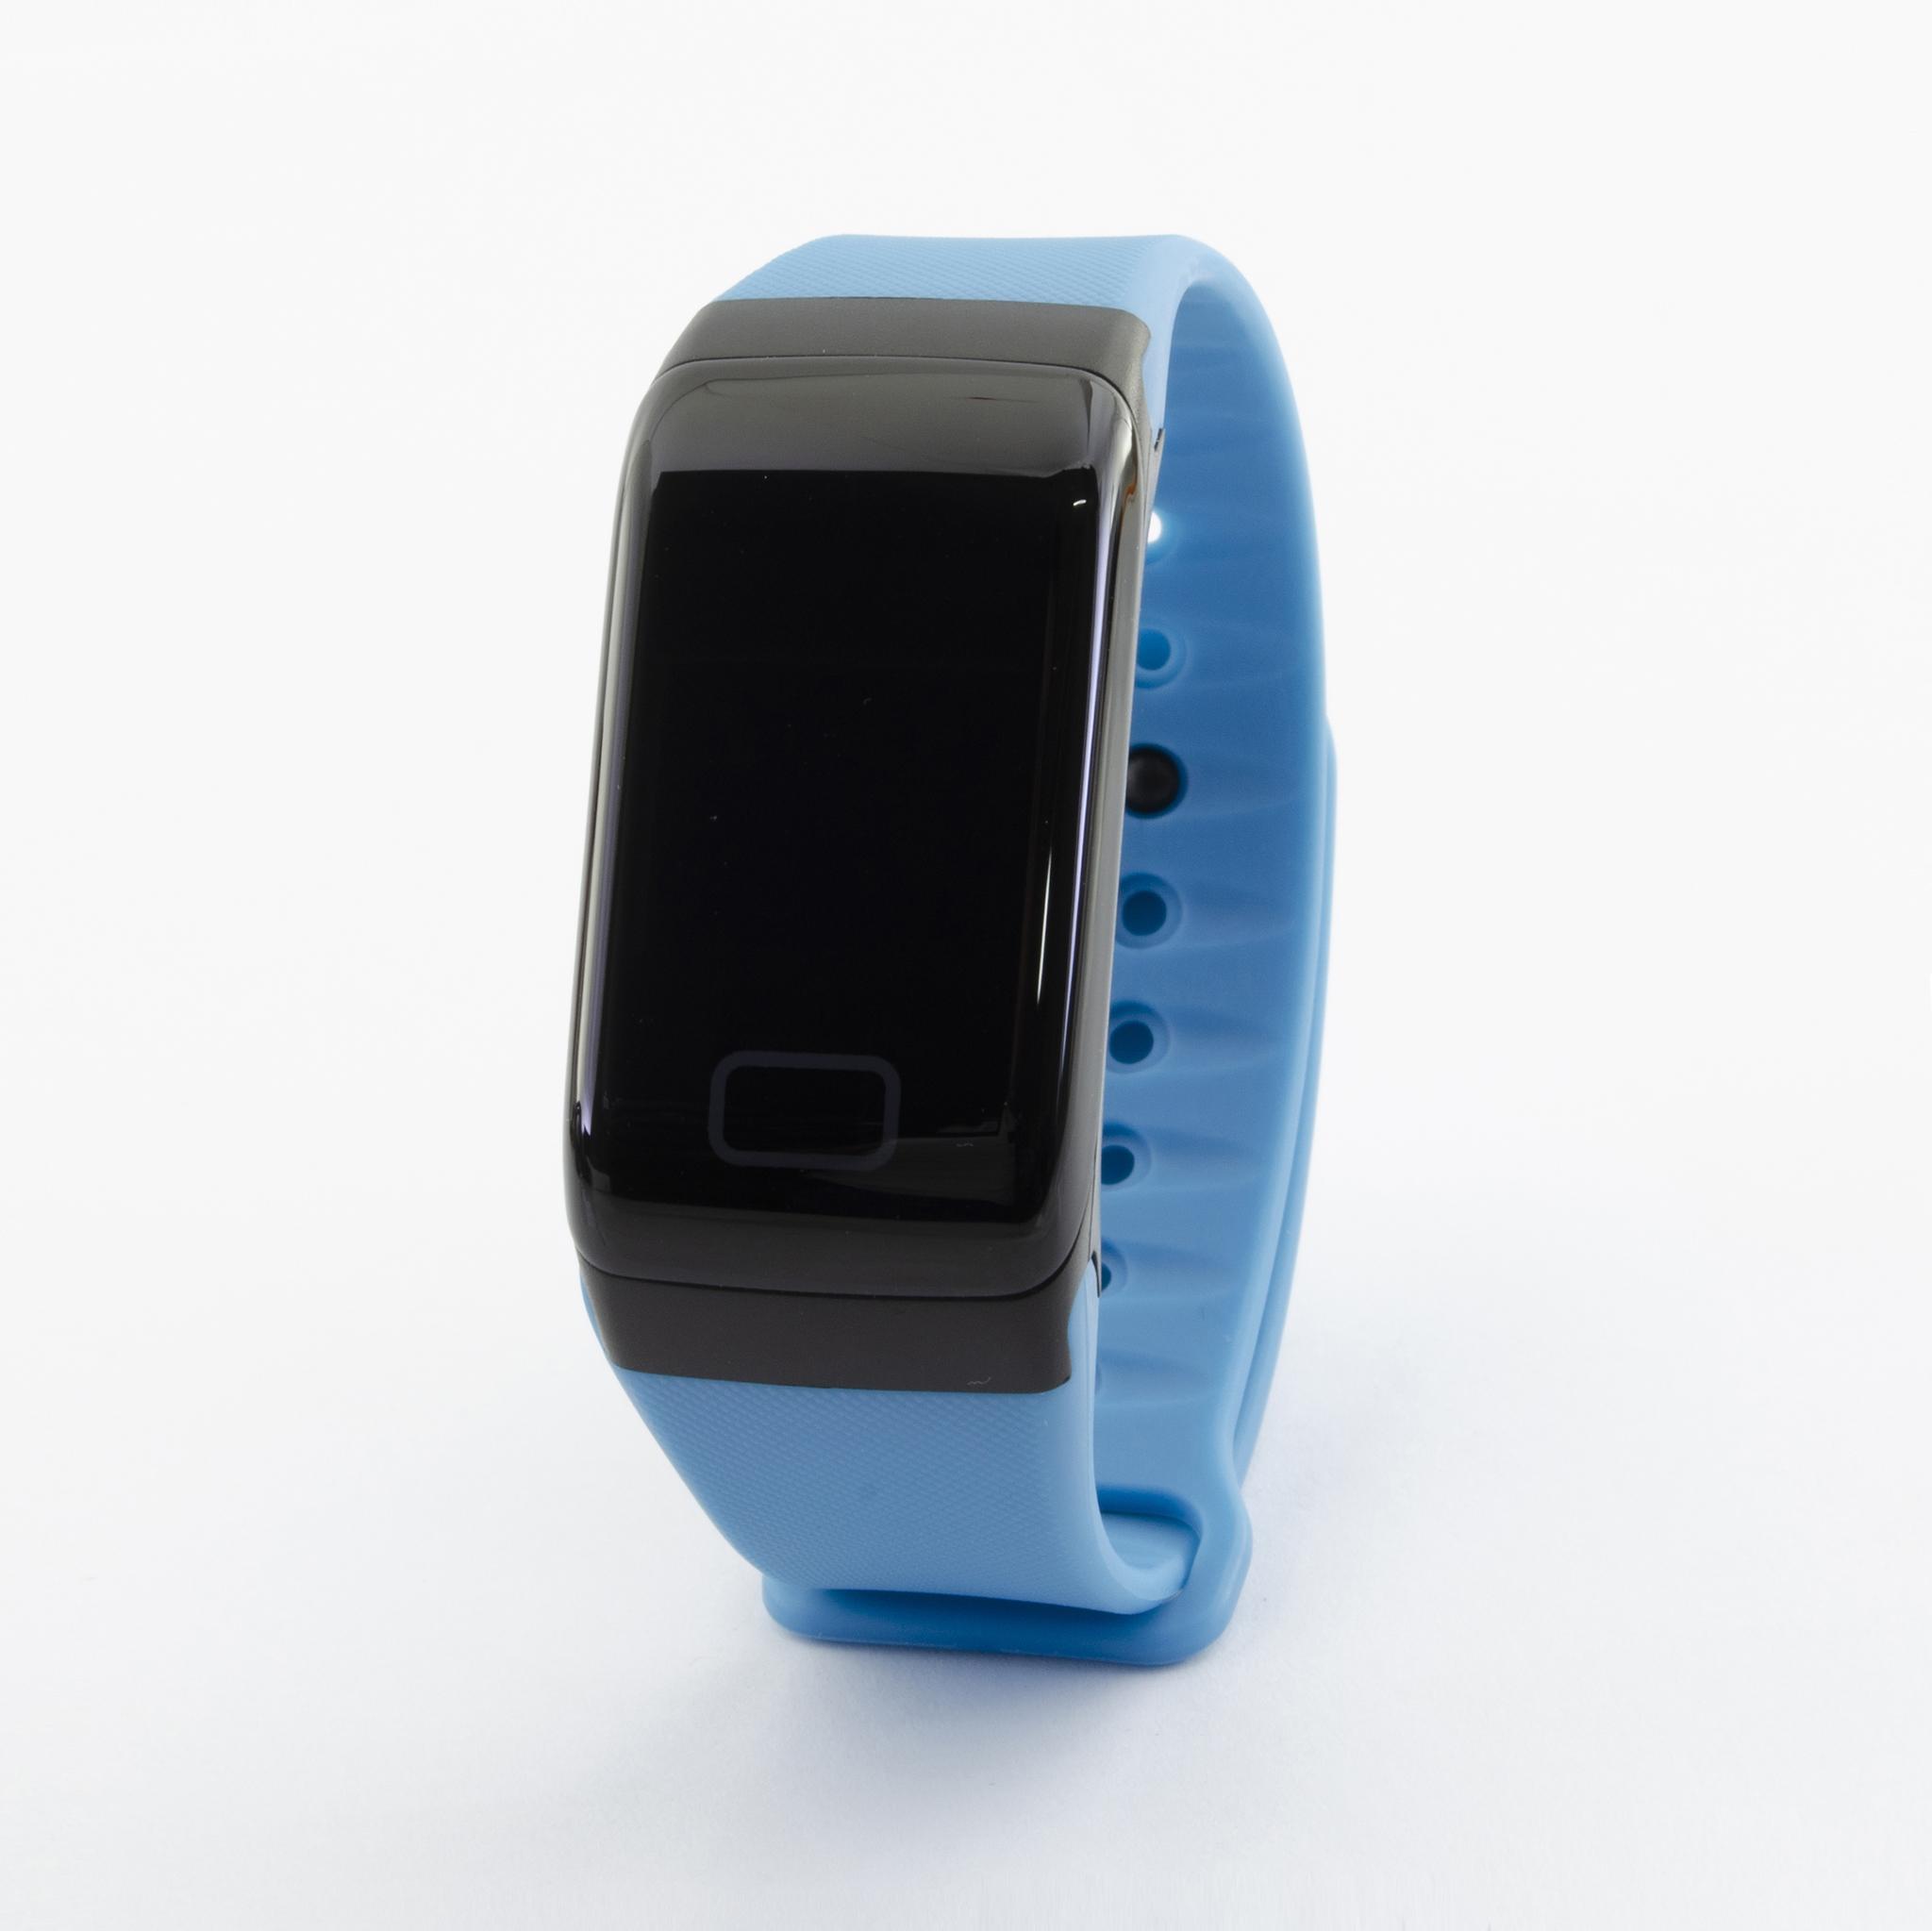 Браслет здоровья с автоматическим измерением давления, пульса и кислорода Health Band №1 (синий)